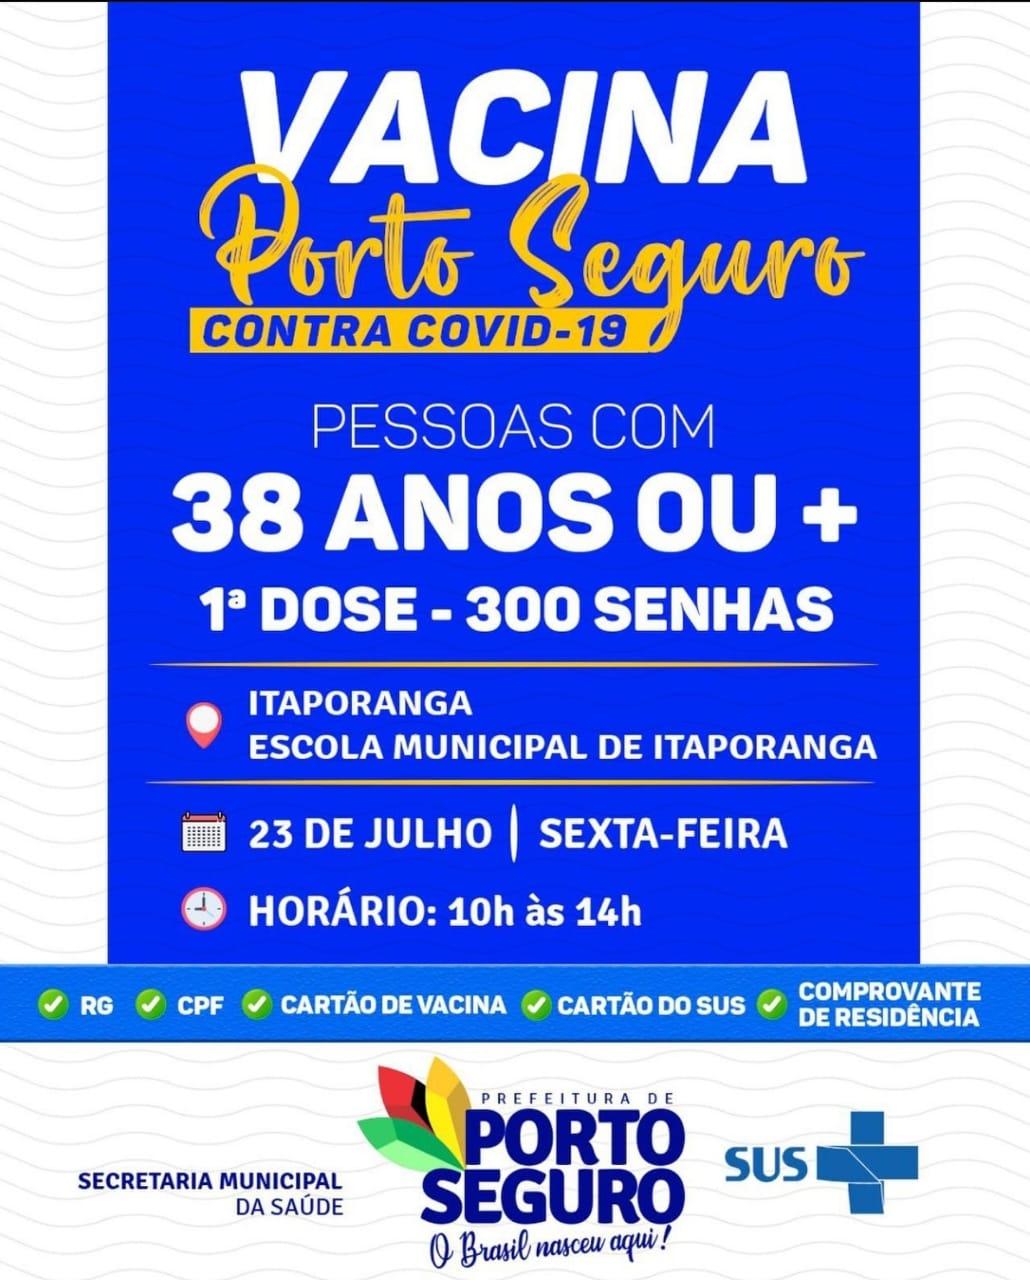 Vacina Porto Seguro contra Covid-19; cronograma de vacinação de 23 a 24 de julho 27